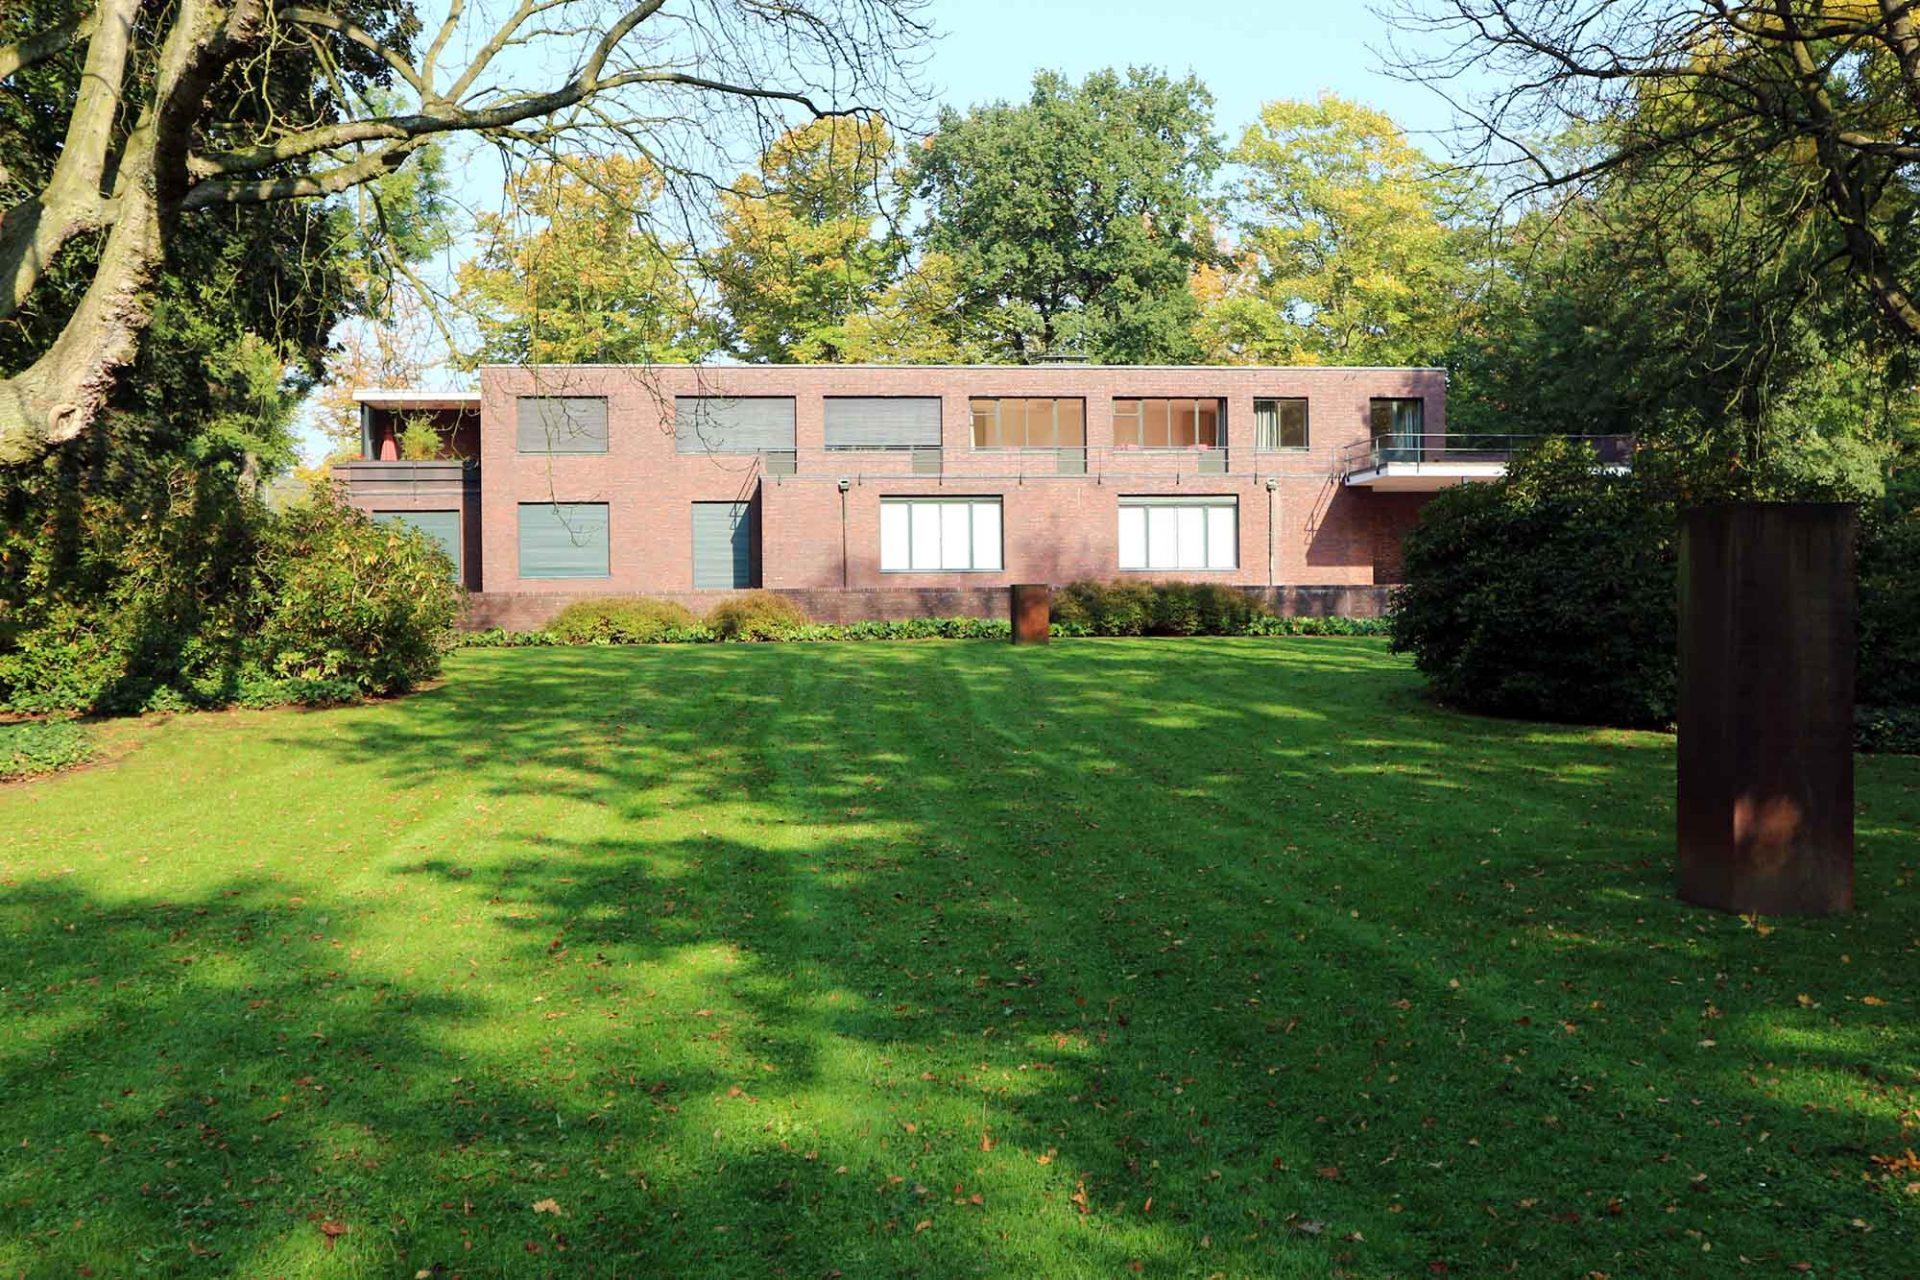 Haus Esters. Die Häuser Lange und Esters werden seit 1955 bzw. 1981 als Ausstellungshalle für zeitgenössische Kunst genutzt.